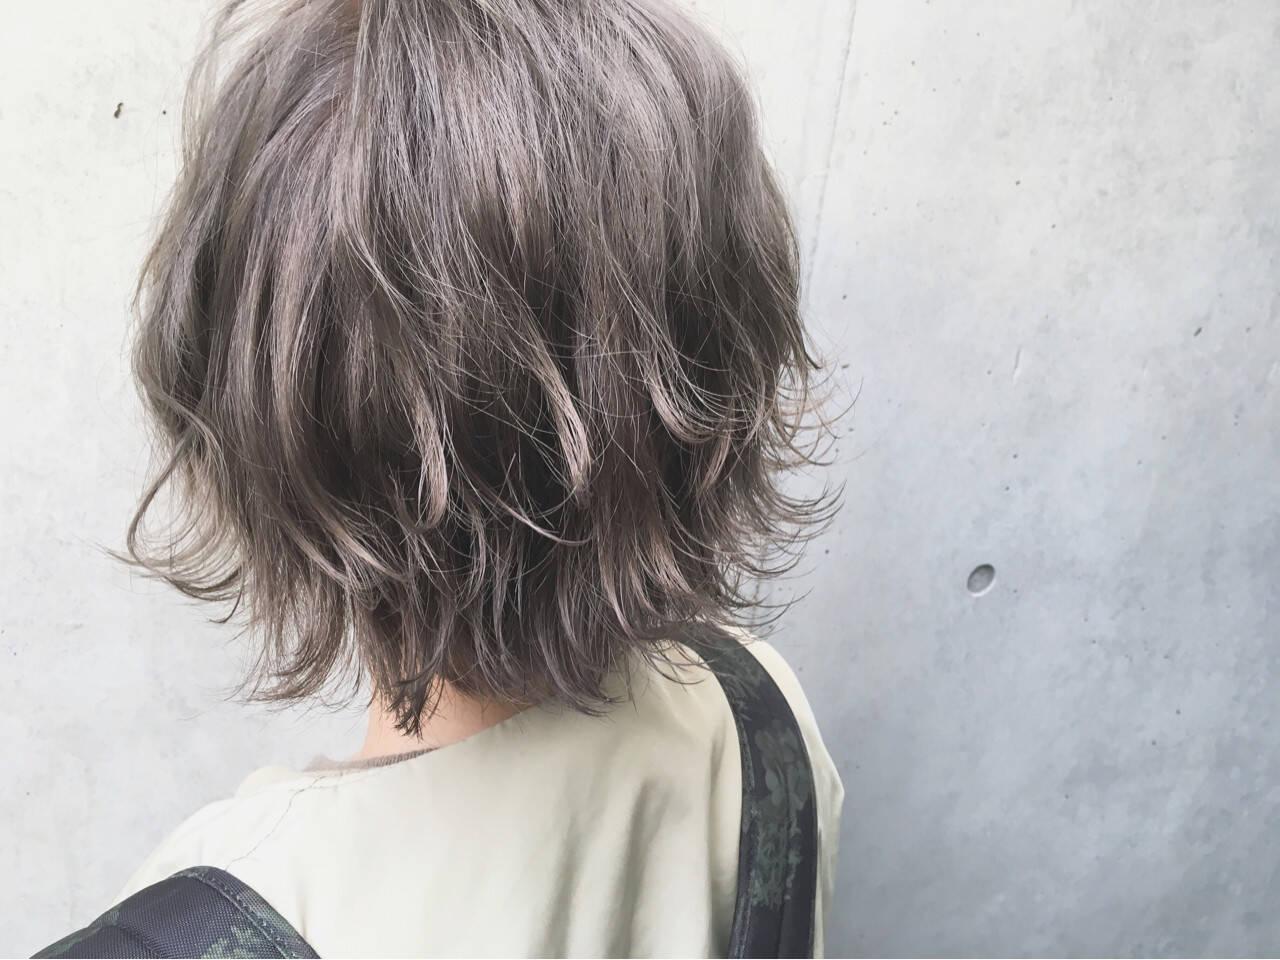 カーキアッシュ 外国人風カラー ストリート オリーブアッシュヘアスタイルや髪型の写真・画像